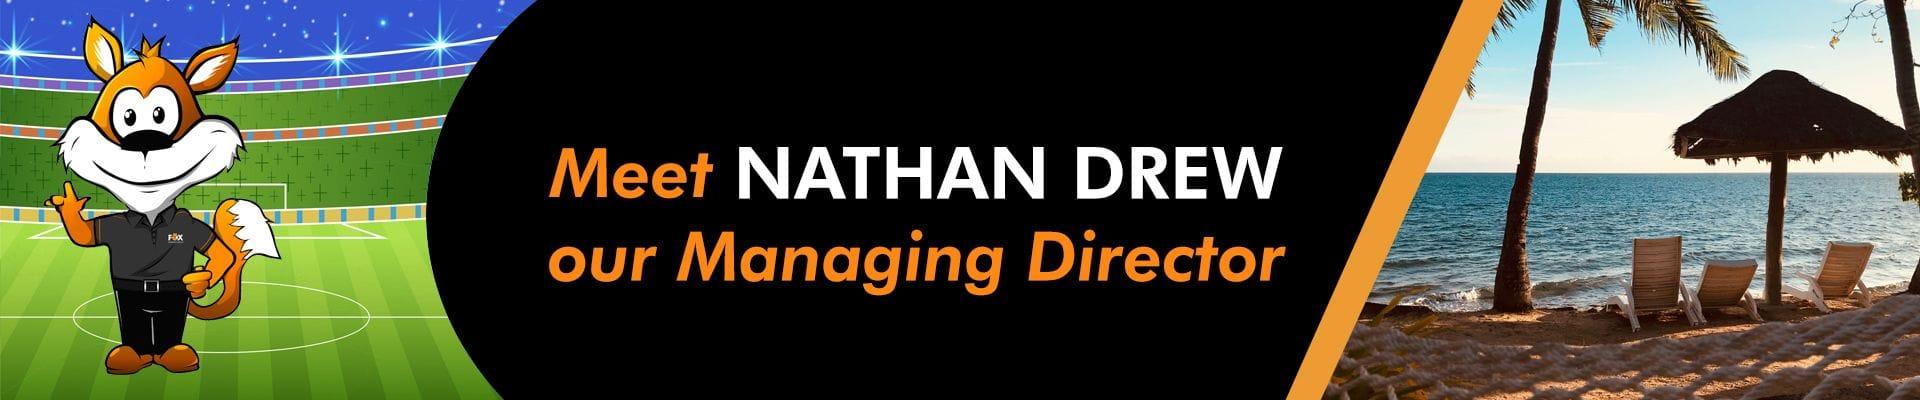 Meet Nathan Drew